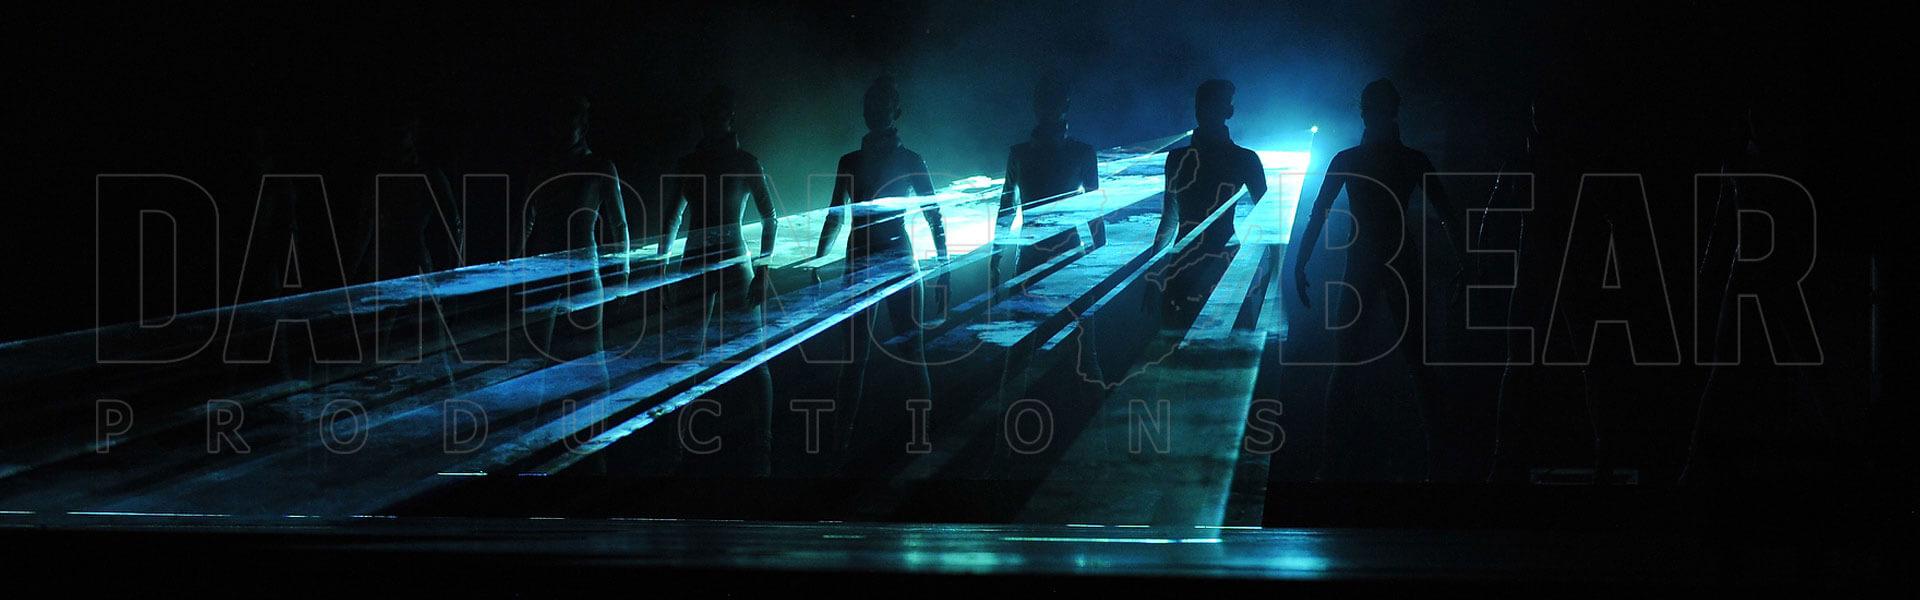 showacts, showact, laser-dance